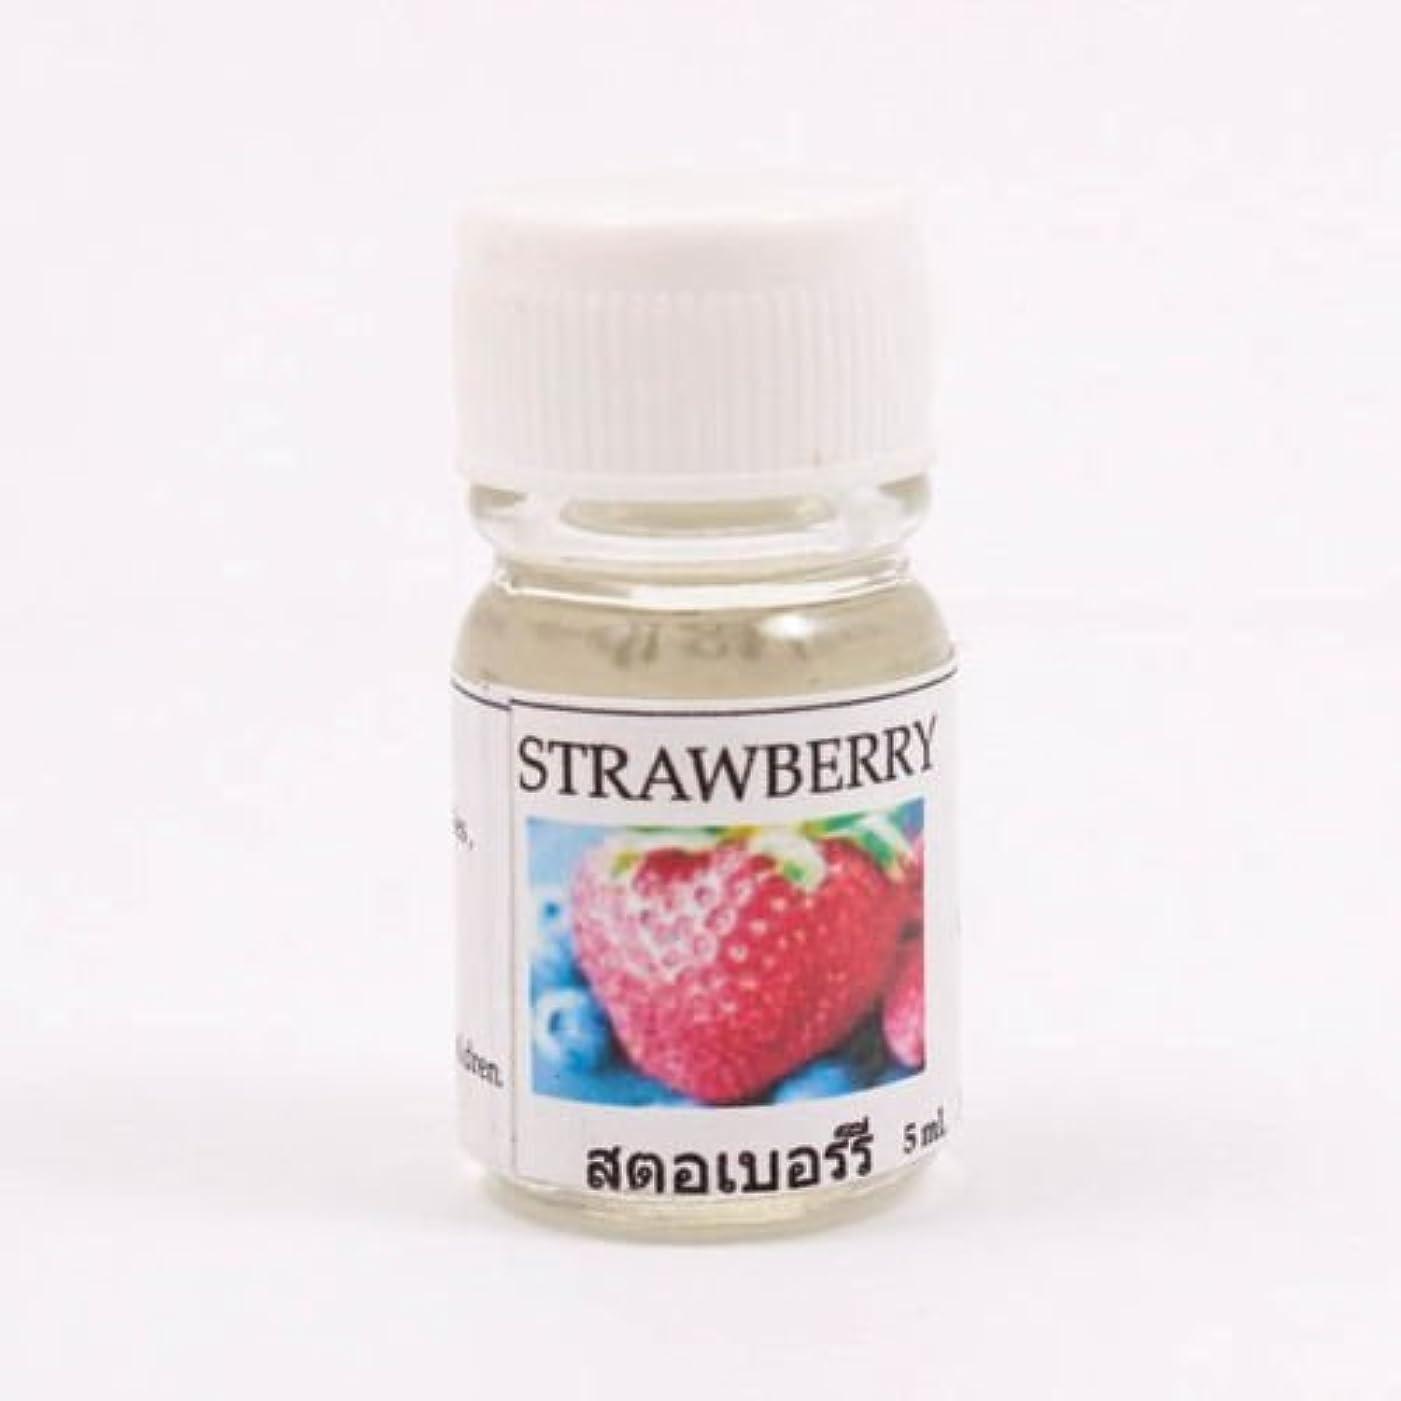 オーガニックナンセンス対立6X Strawberry Aroma Fragrance Essential Oil 5ML cc Diffuser Burner Therapy